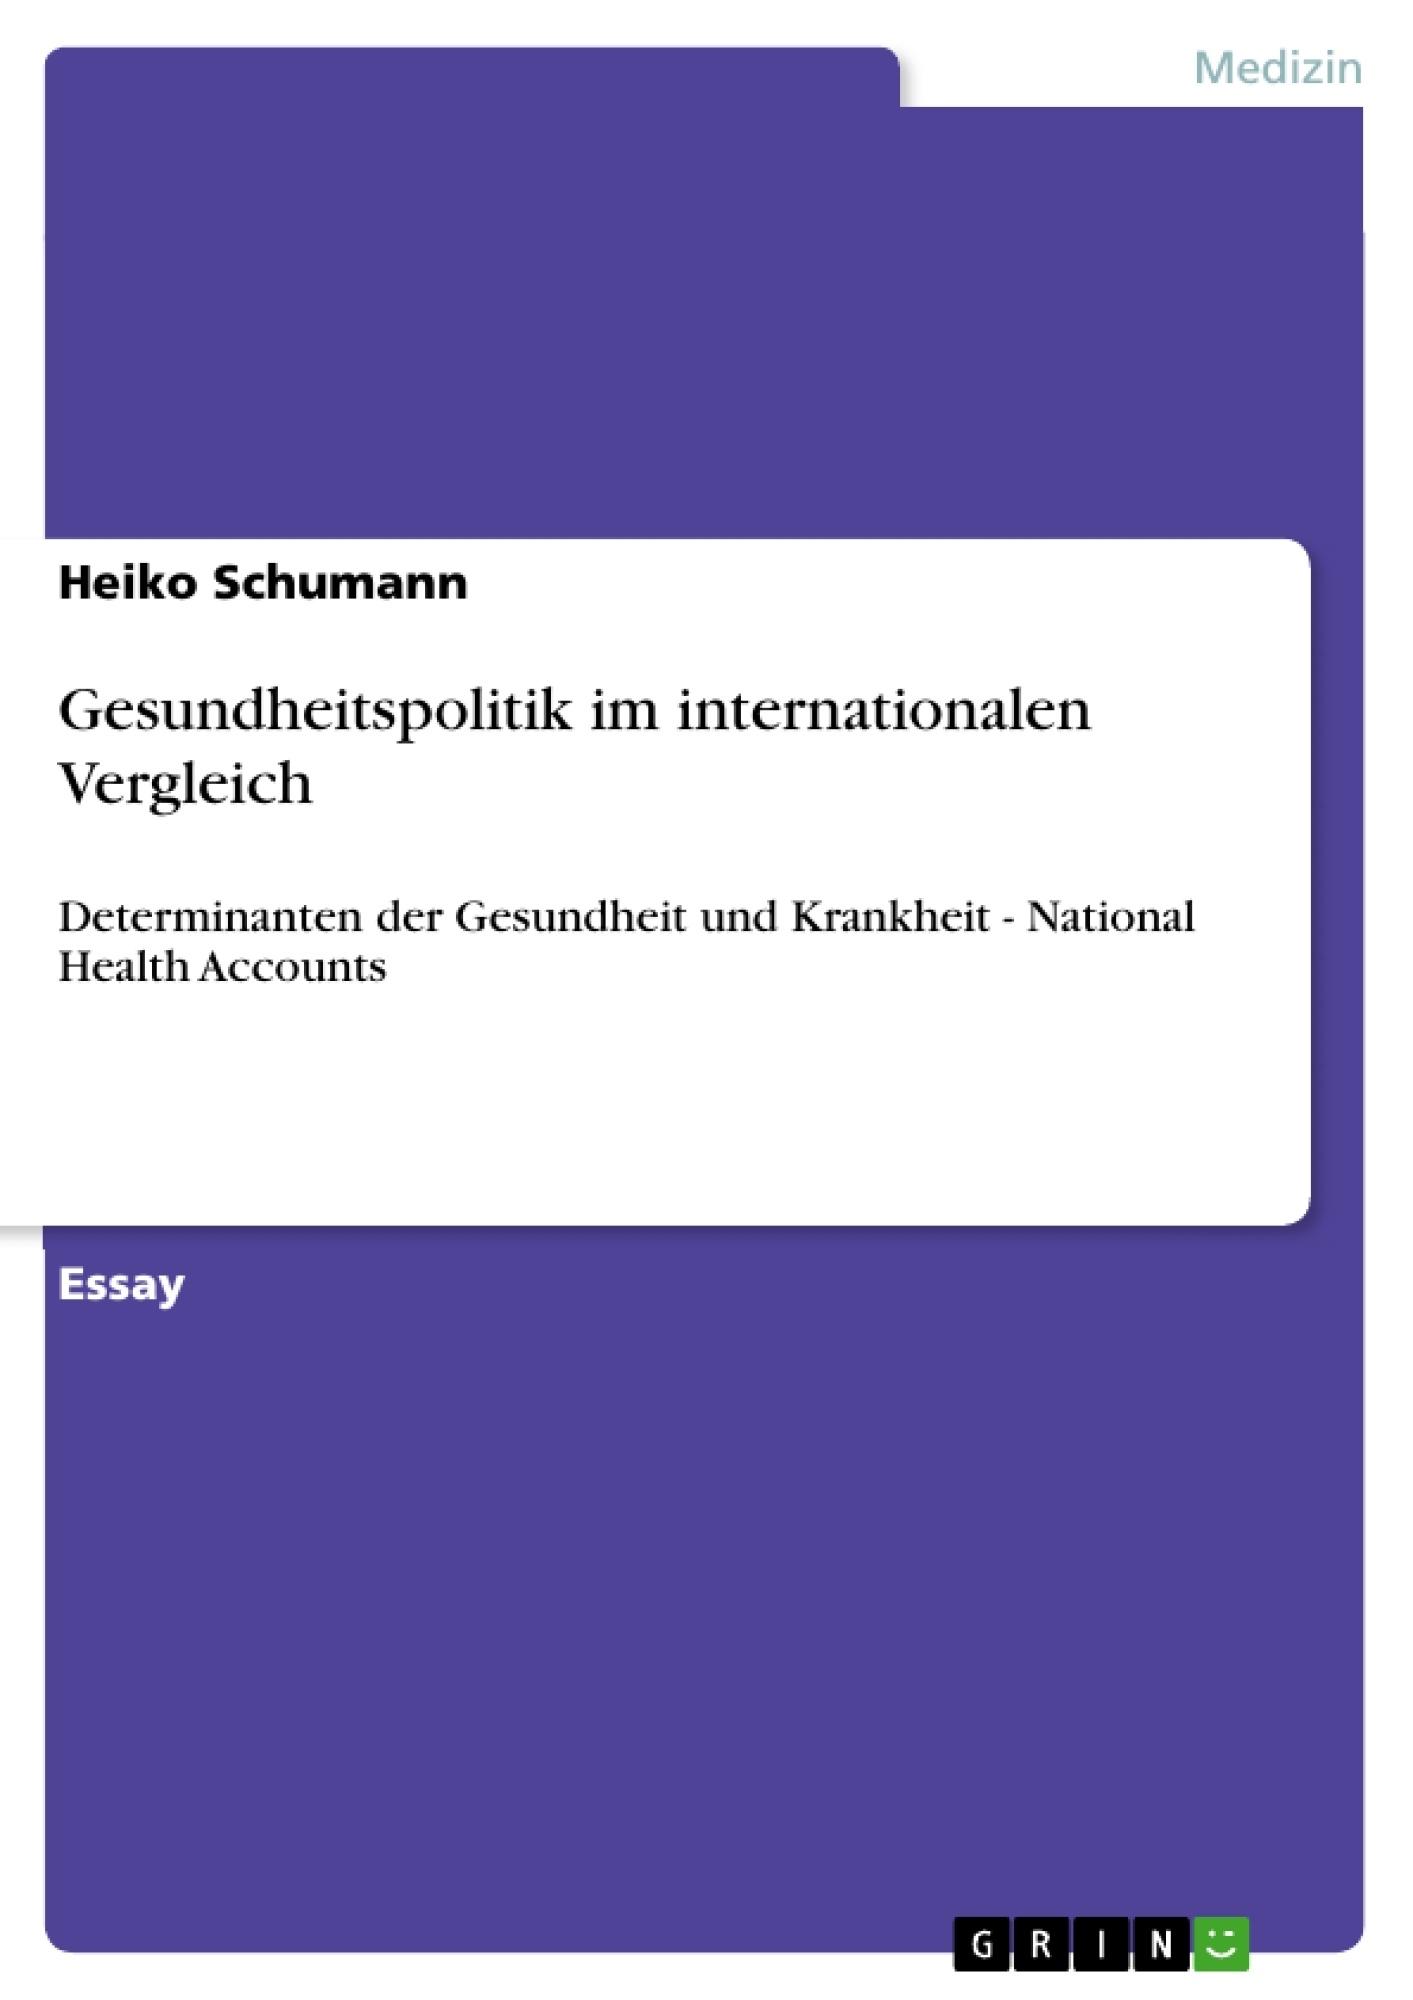 Titel: Gesundheitspolitik im internationalen Vergleich